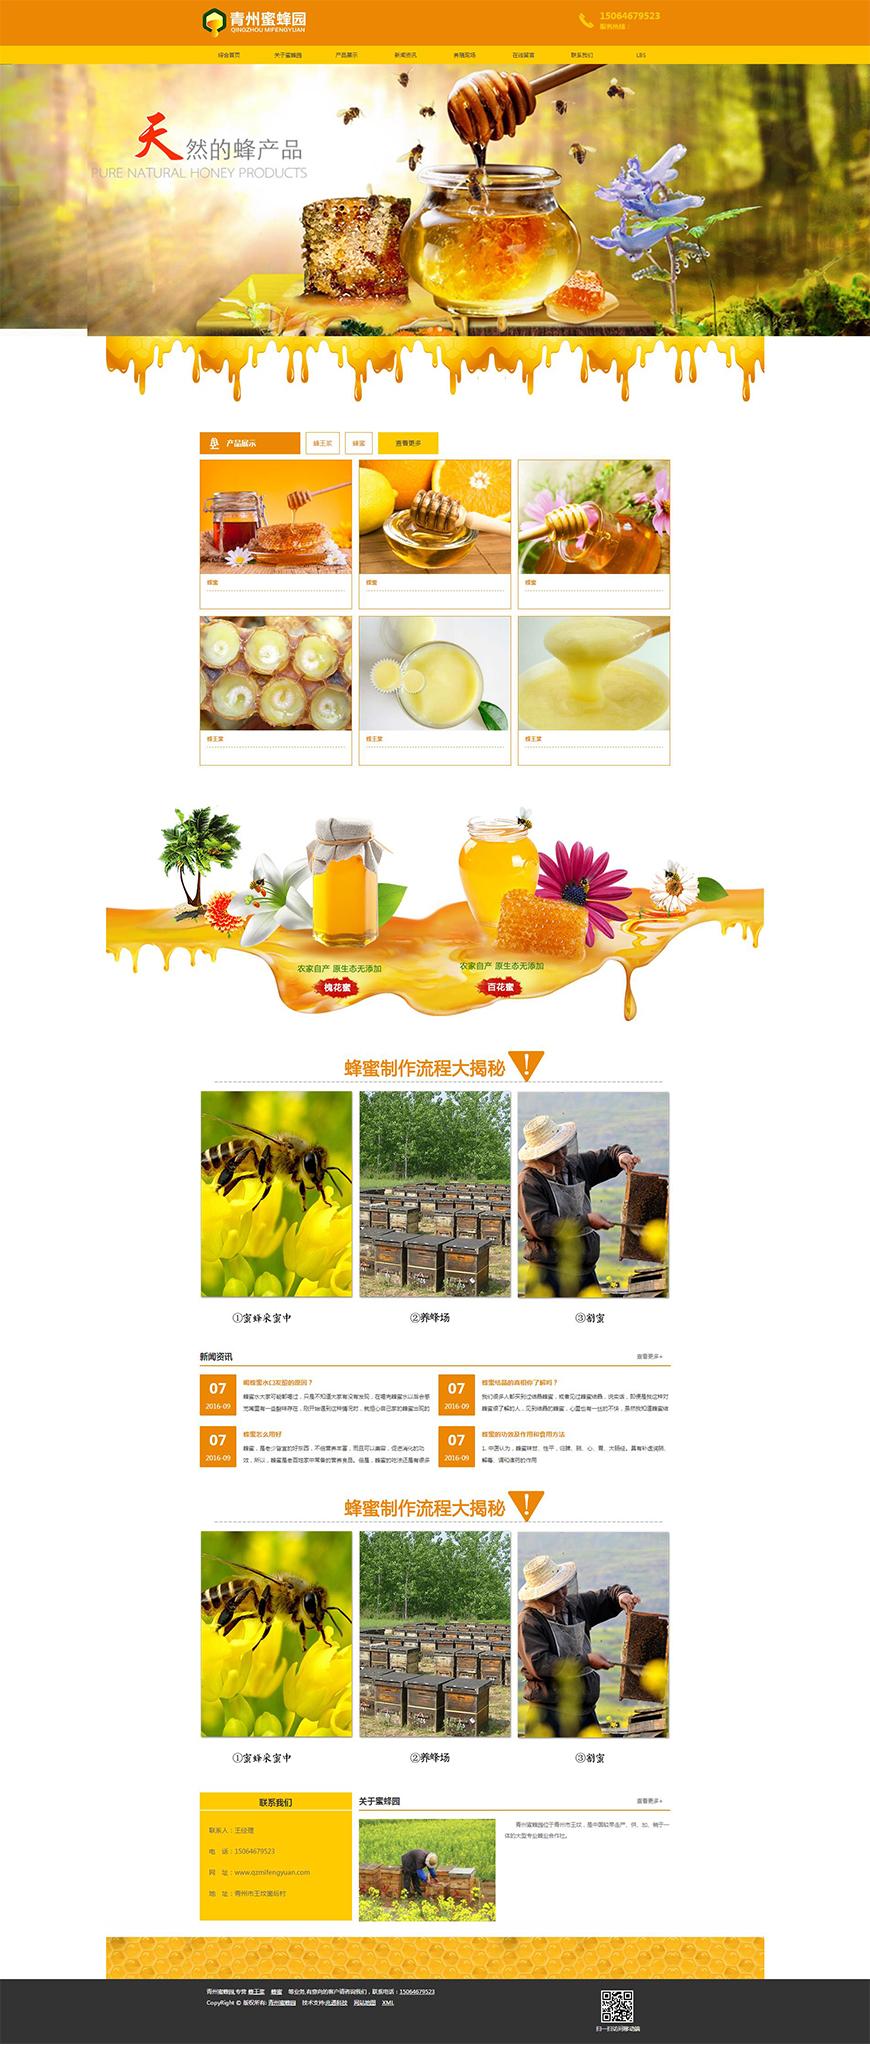 青州蜜蜂园.jpg